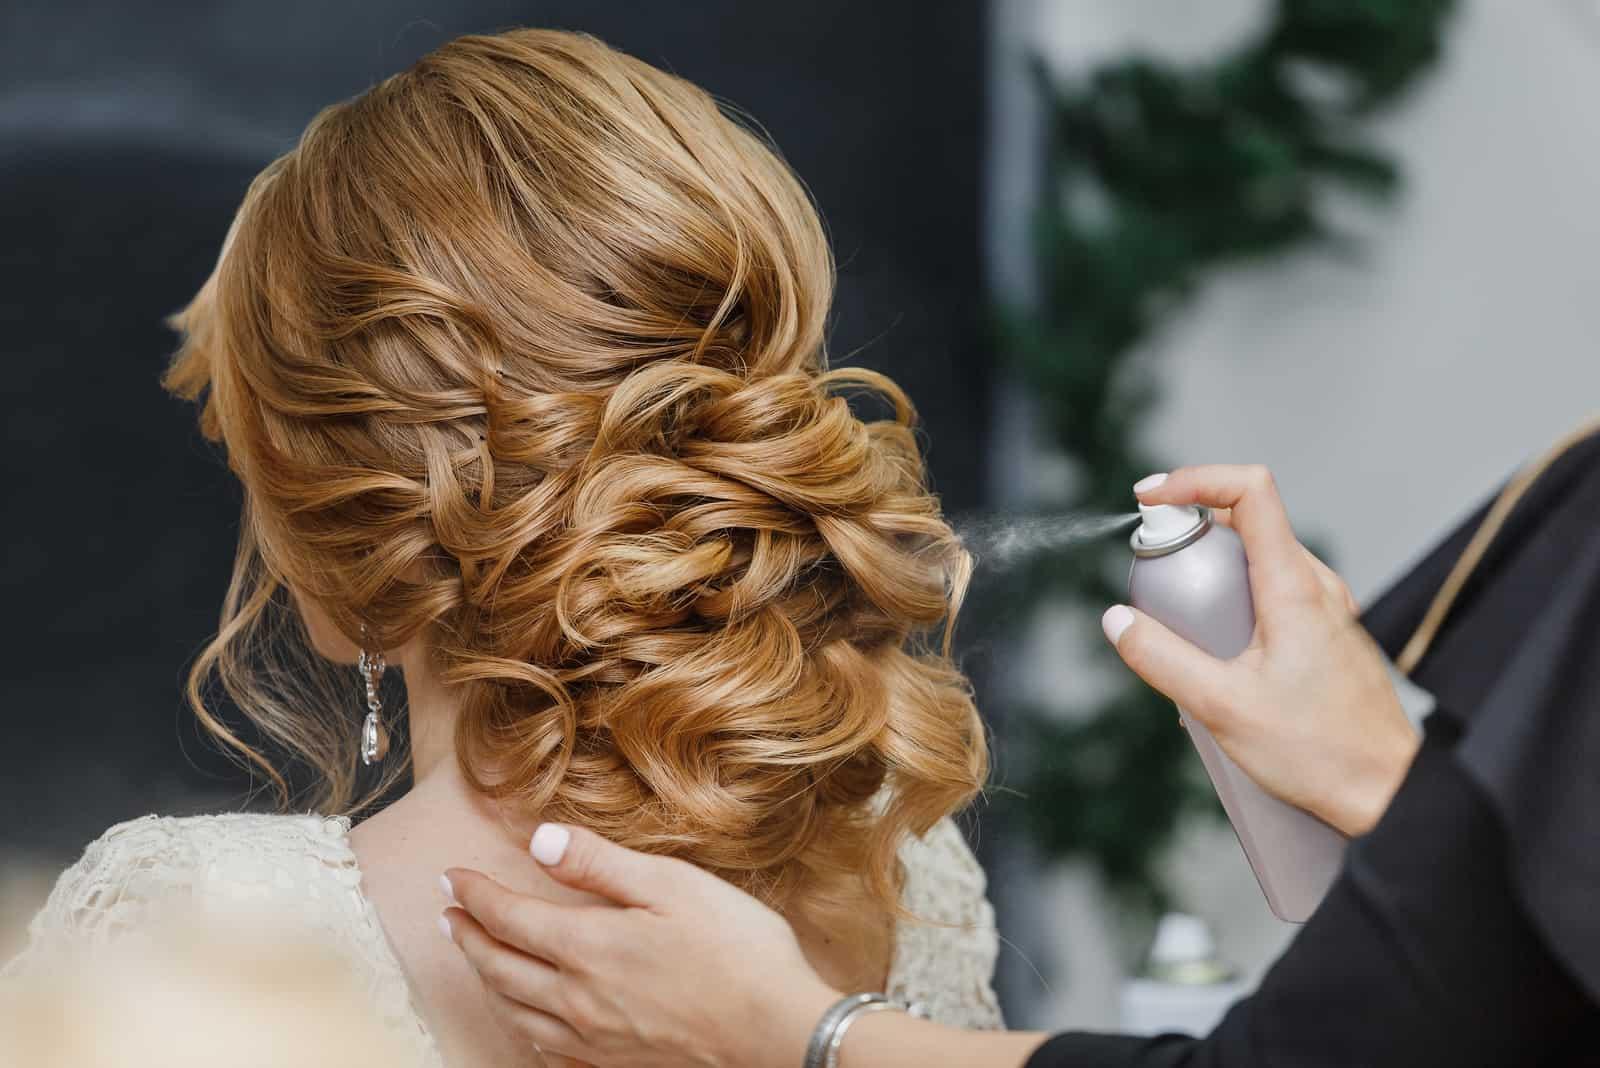 Master Stylist macht die Braut Hochzeit Frisur mit Sprühlack